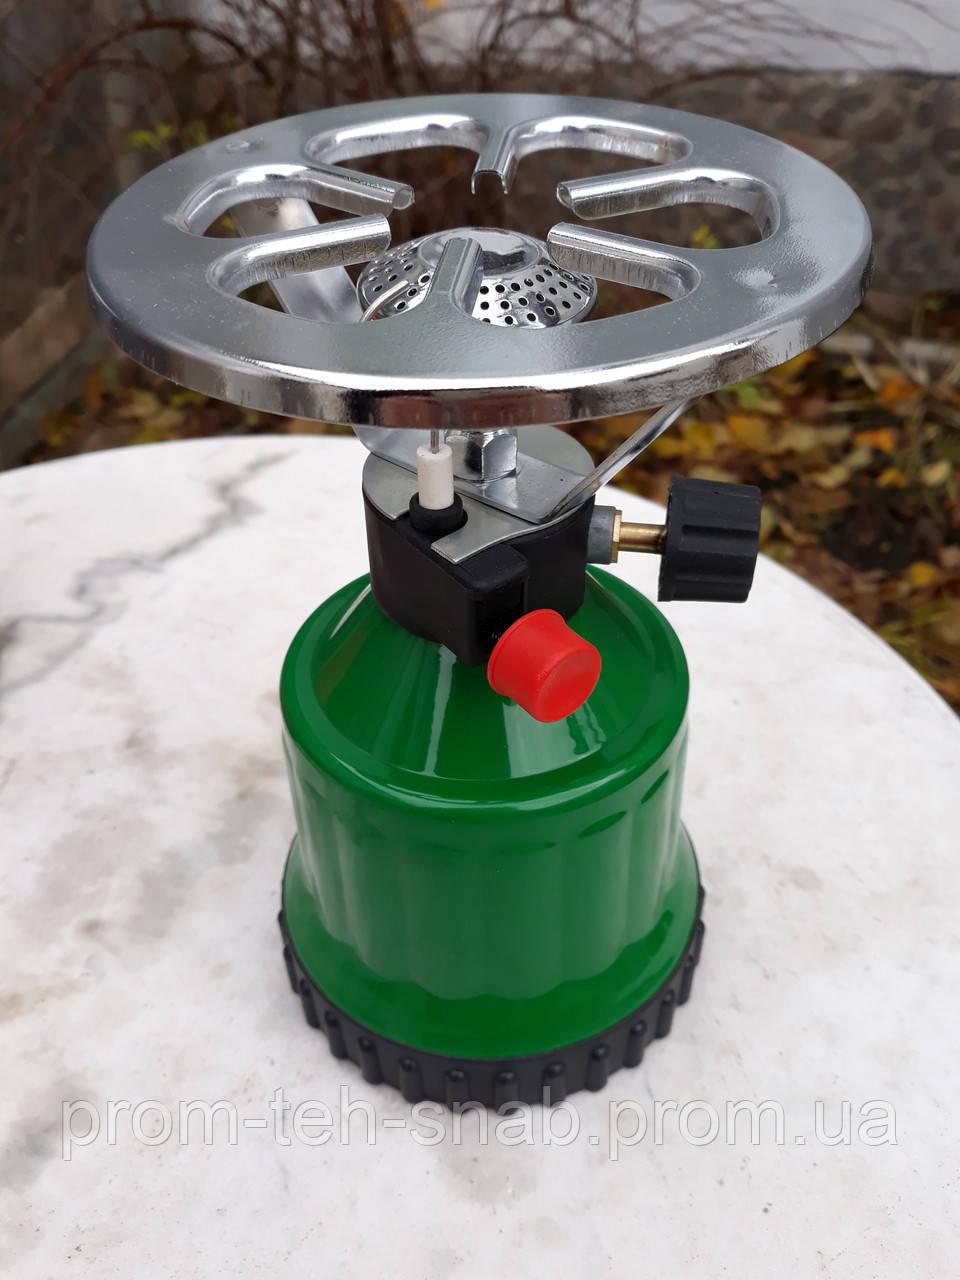 Газовая Плитка Nurgaz с пьезо поджигом